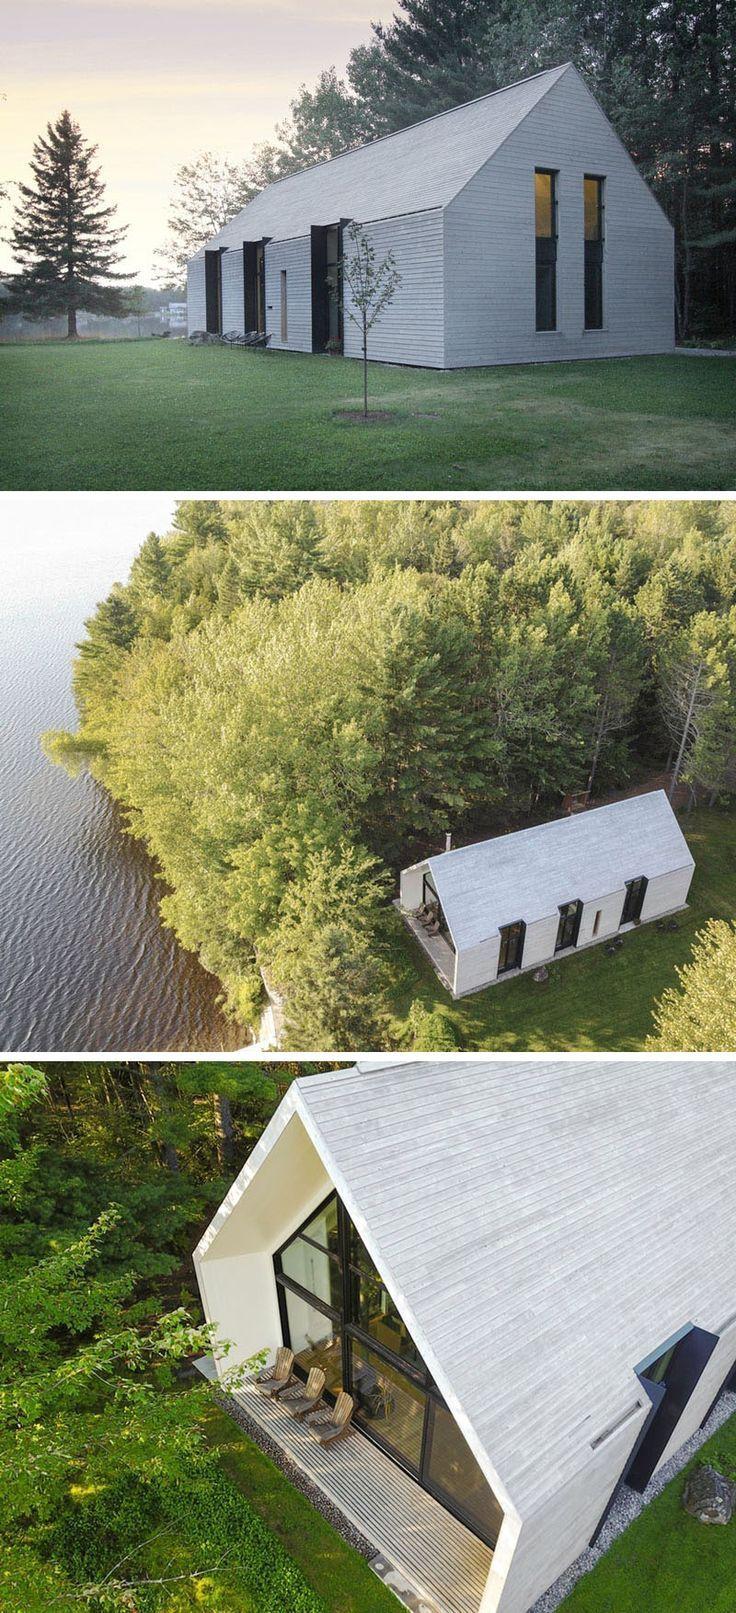 Le cabinet d'architecture YH2 a conçu une nouvelle maison de vacances moderne, le